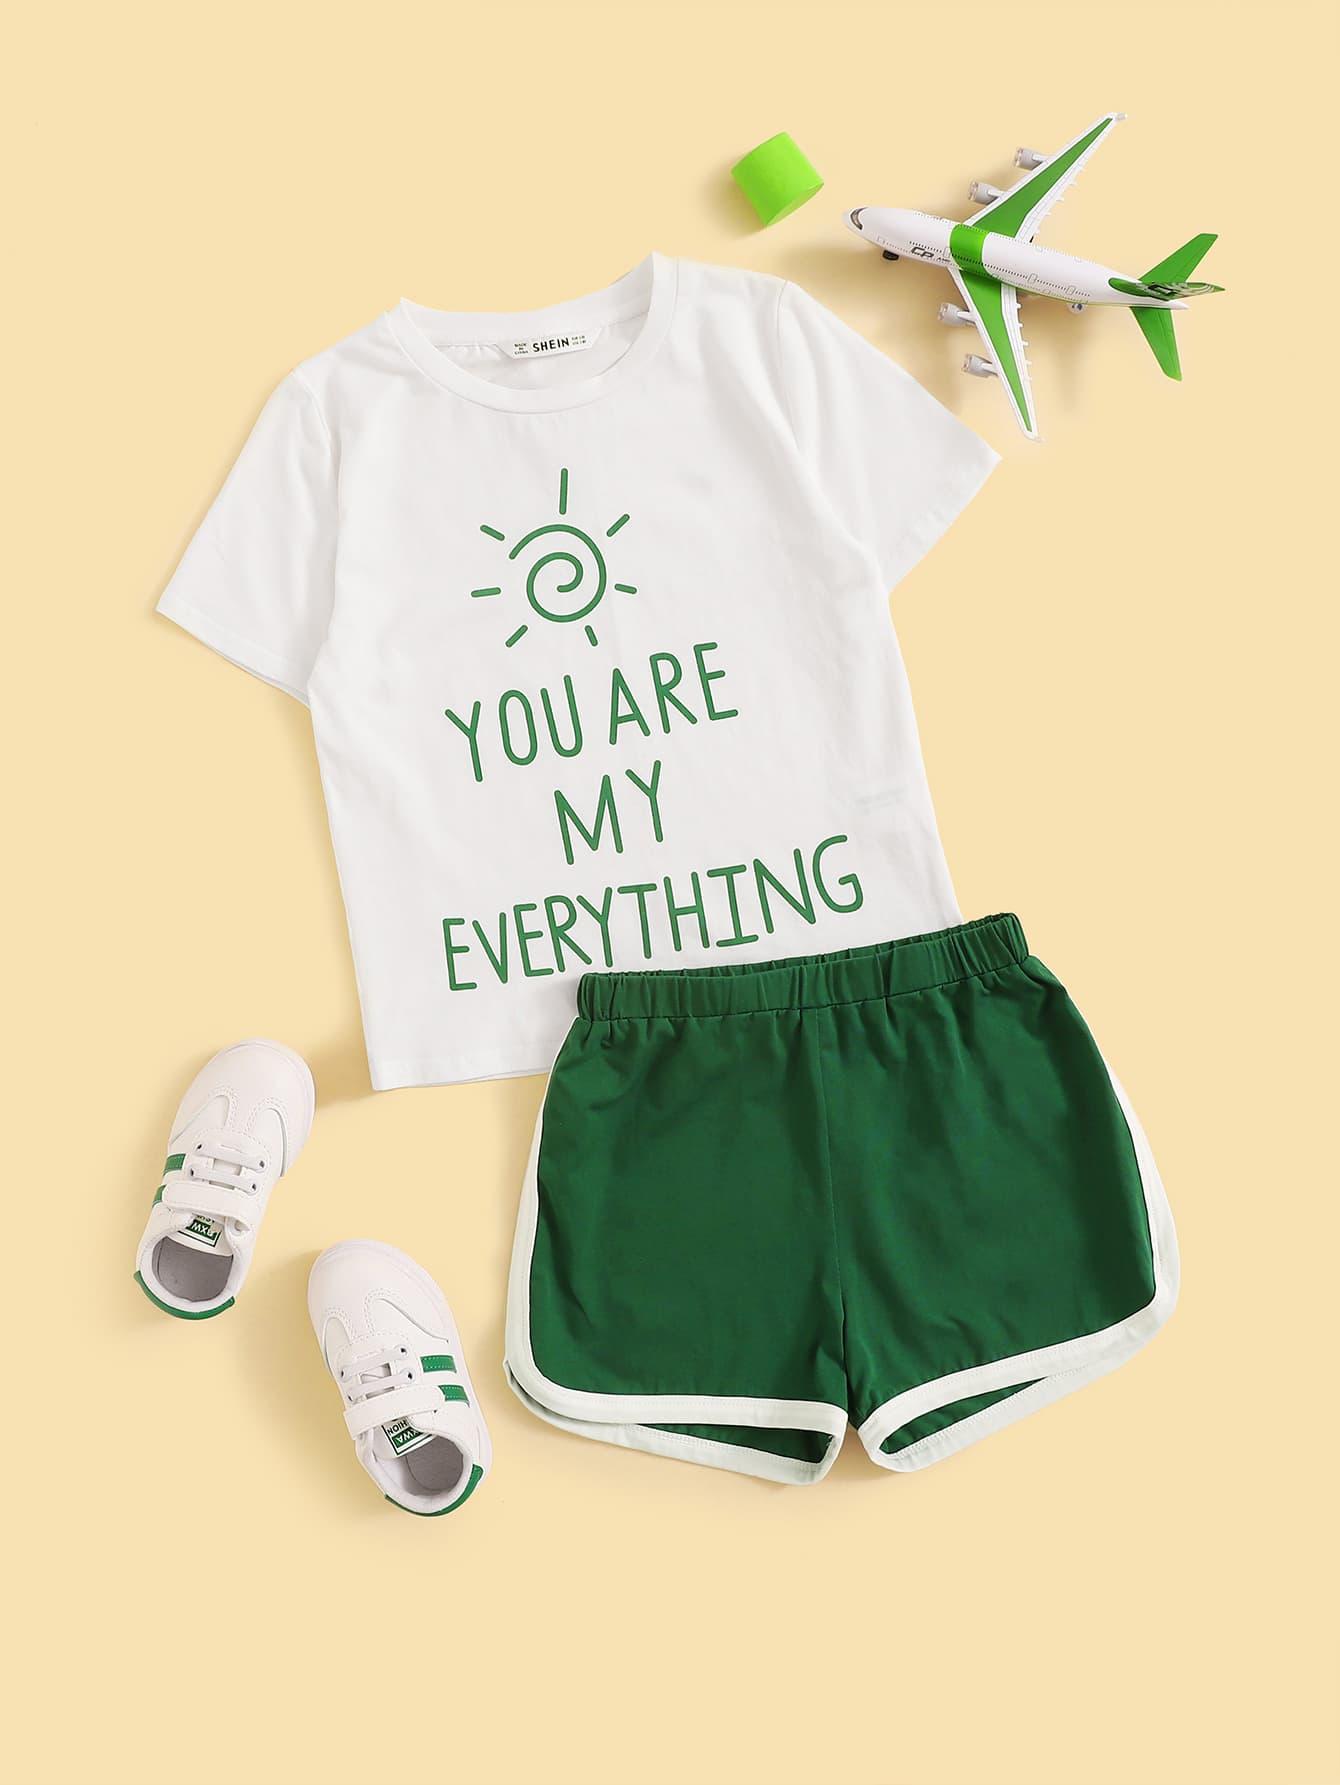 Фото - Пижама с текстовым принтом для девочек от SheIn цвет многоцветный